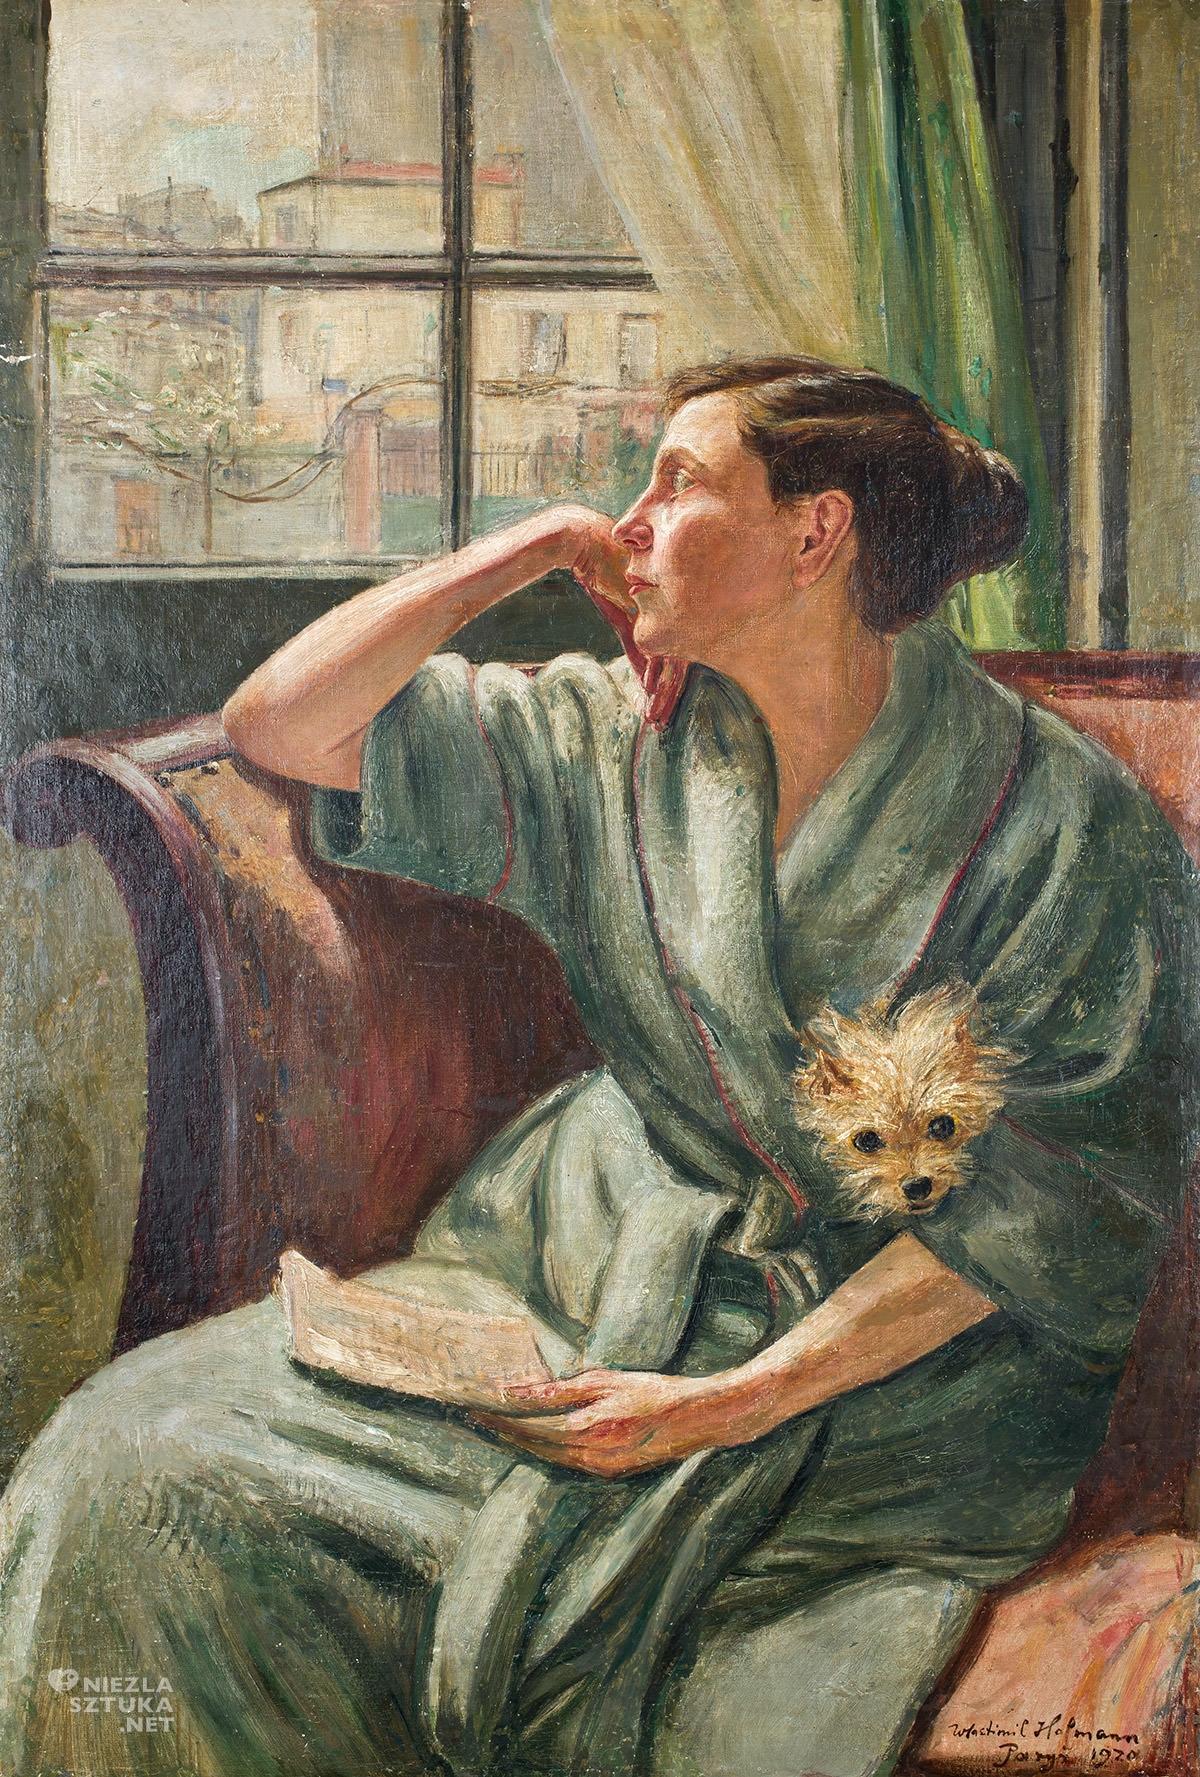 Wlastimil Hofman, Portret żony z pieskiem, sztuka polska, malarstwo polskie, pieski w sztuce, Wlastimilówka, Niezła Sztuka